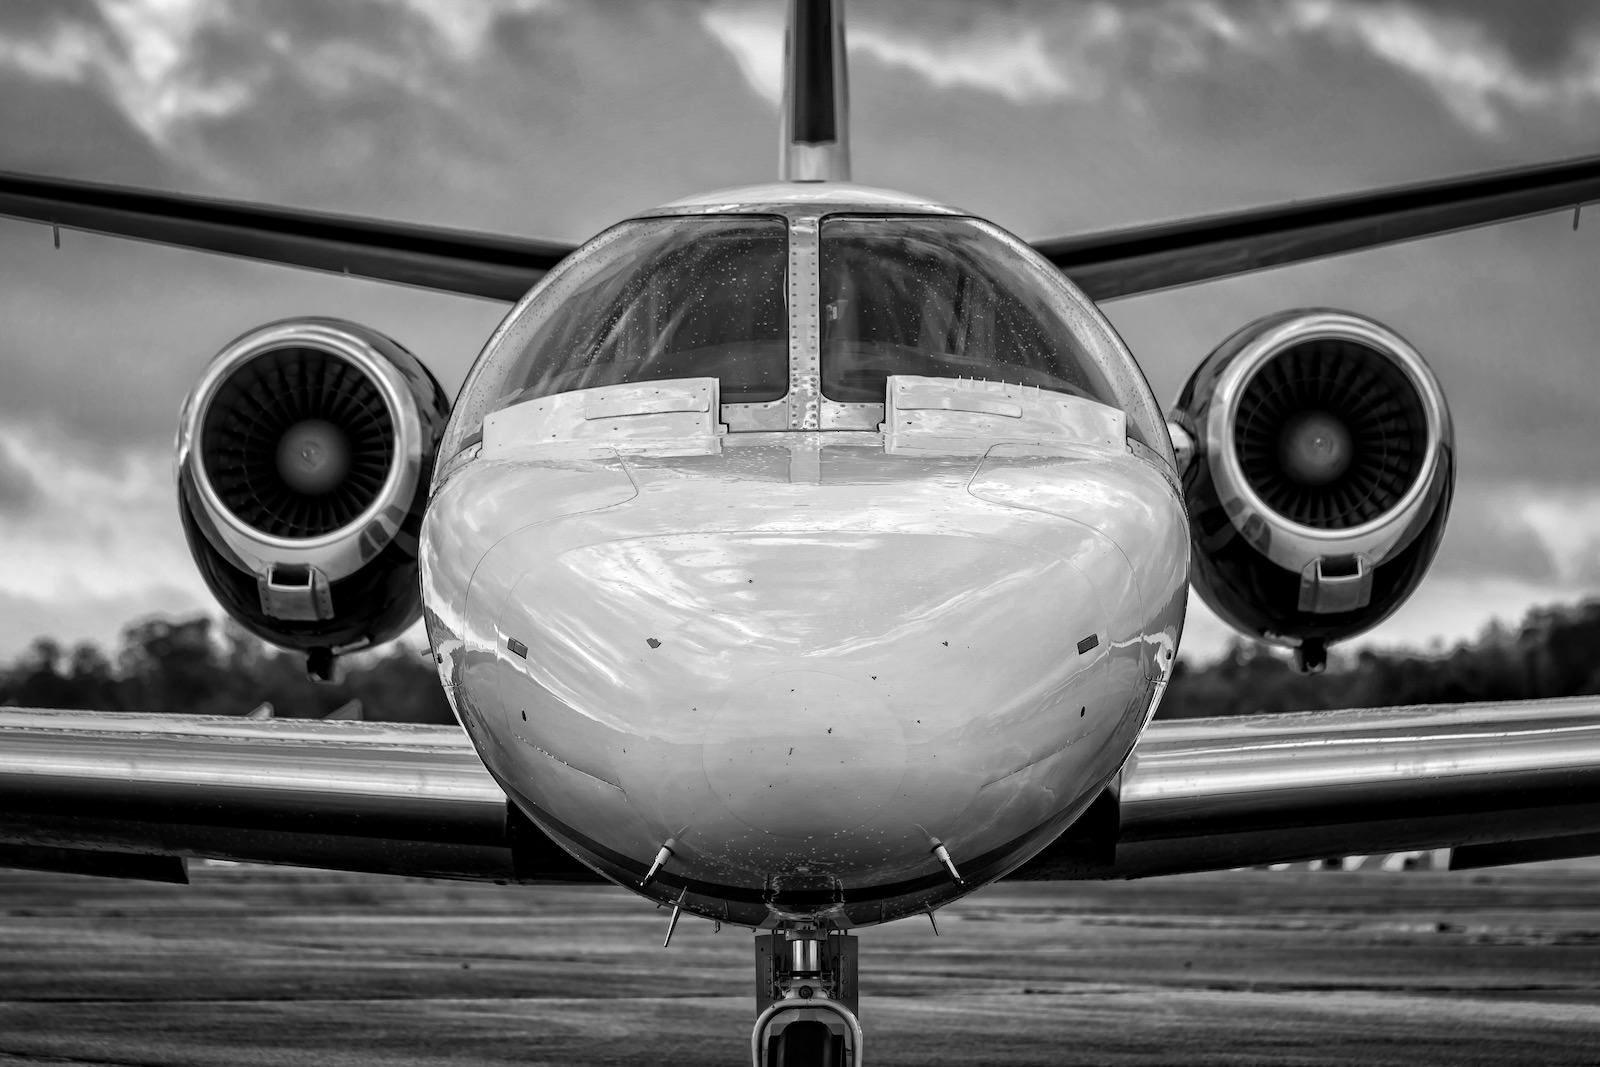 Cessna Citation 550 at BFM